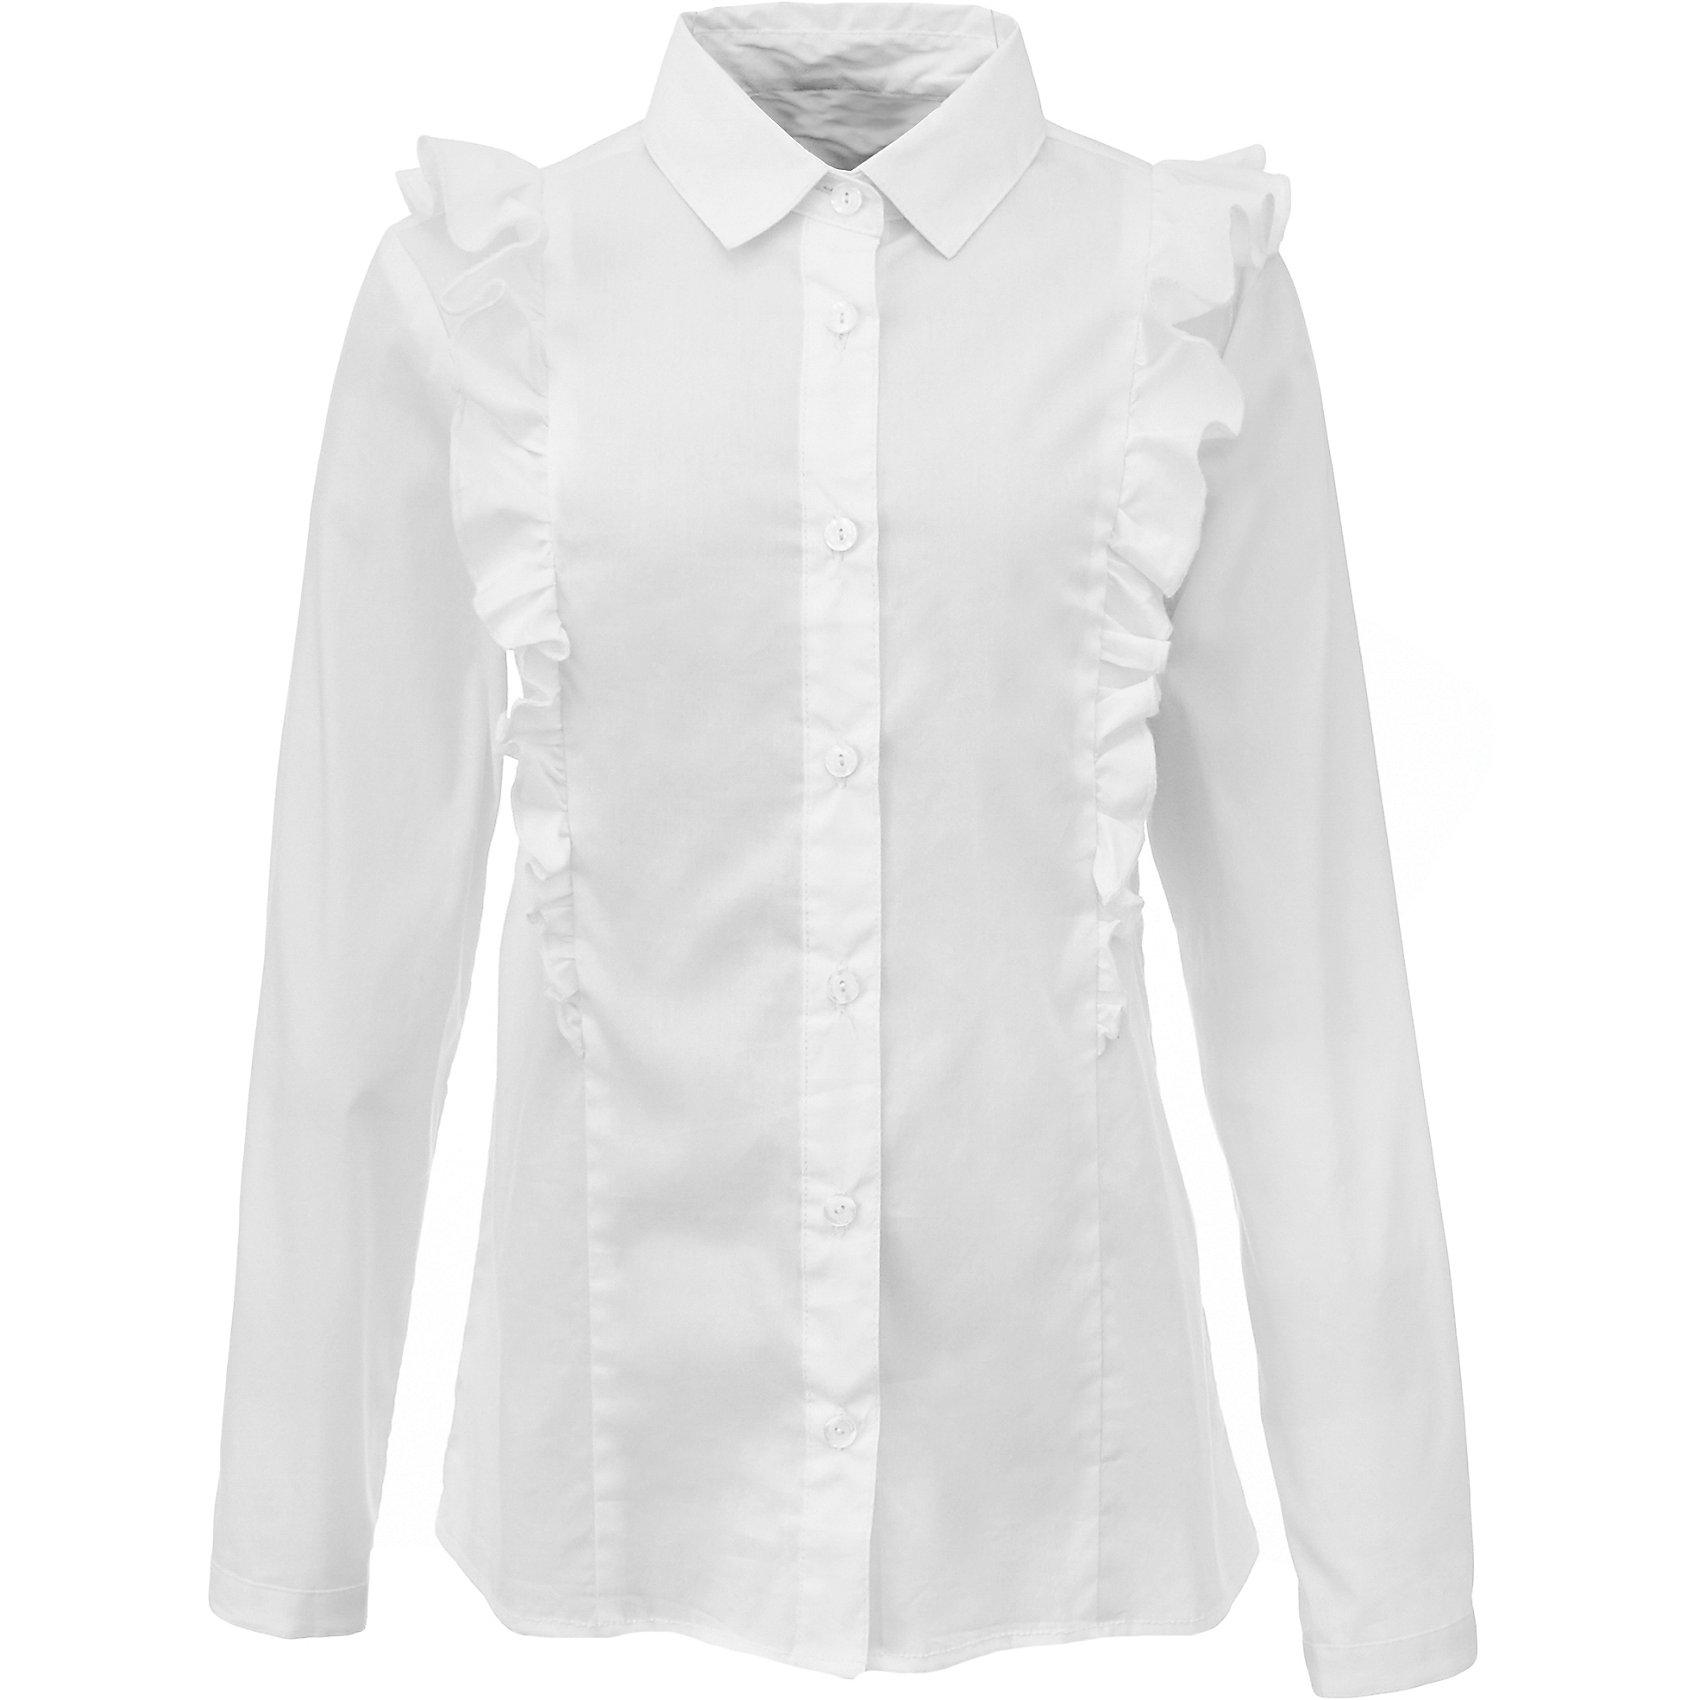 Блузка для девочки GulliverБлузки и рубашки<br>Характеристики товара:<br><br>• цвет: белый<br>• состав: 75% хлопок, 23% полиэстер, 2% эластан <br>• декорирована рюшами<br>• с длинным рукавом<br>• застежка: пуговицы<br>• особенности: школьная, однотонная<br>• страна бренда: Российская Федерация<br>• страна производства: Российская Федерация<br><br>Школьная блузка с длинным рукавом для девочки. Белая блузка с рюшами застегивается на пуговицы, манжеты рукавов на эластичной резинке.<br><br>Блузку для девочки Gulliver (Гулливер) можно купить в нашем интернет-магазине.<br><br>Ширина мм: 186<br>Глубина мм: 87<br>Высота мм: 198<br>Вес г: 197<br>Цвет: белый<br>Возраст от месяцев: 168<br>Возраст до месяцев: 180<br>Пол: Женский<br>Возраст: Детский<br>Размер: 170,122,164,158,152,146,140,134,128<br>SKU: 6678738